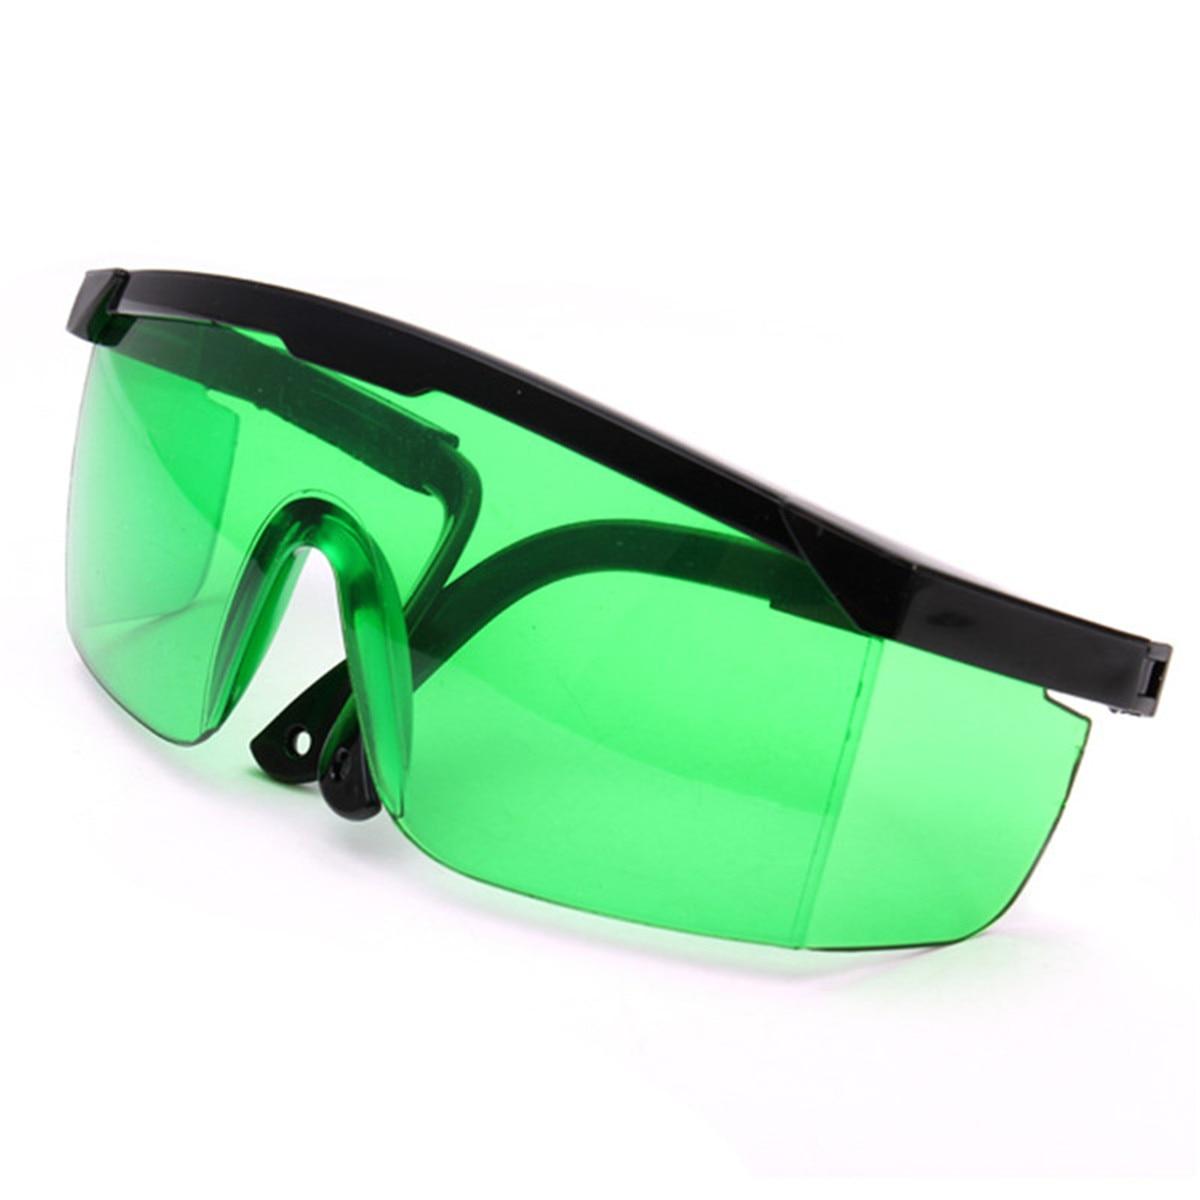 Blue-violet Laser Goggles Safety Glasses Laser Protective Eyewear For 200-540nm Blue-violet Lasers Engraving Machine